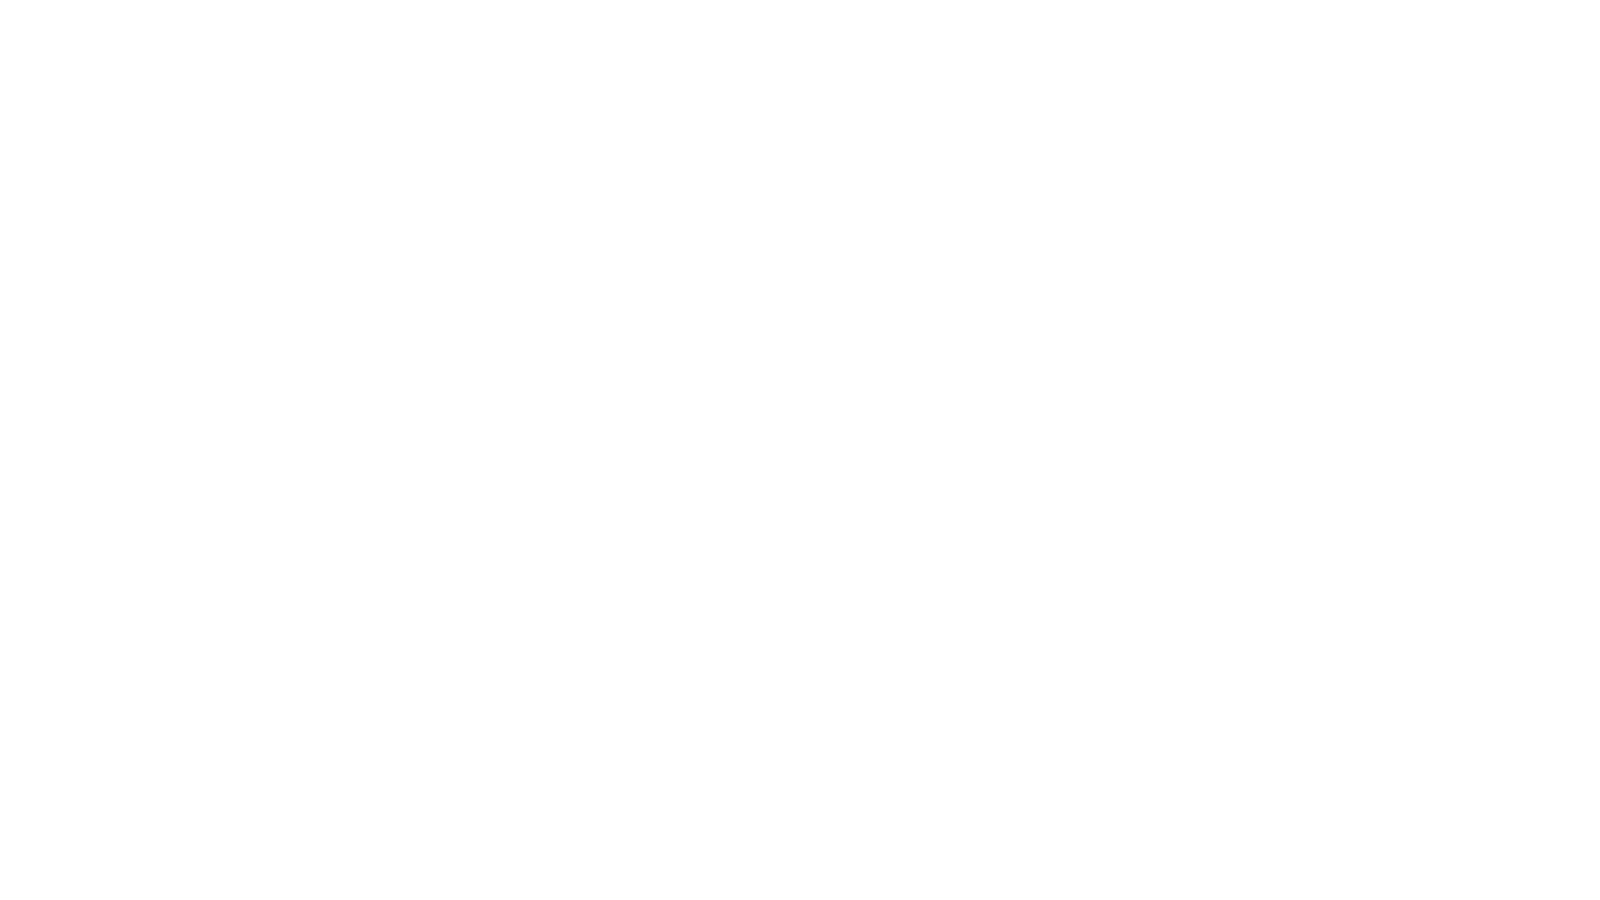 Gott ist ein Gentleman. Er kann alles. Er möchte das Beste für Dein Leben. Aber er möchte auch Dein Ja. Er möchte, dass Du seine zutreffende Beschreibung Deines Zustands anerkennst und mit ihm 100 Stufen höher gehst, weiter rennst und stärker schlägst. Aber es liegt in Deiner Hand. Eine Predigt von Pastor Florian Alois Gratz im Rahmen des Gottesdienstes der Freien Christengemeinde Puchheim